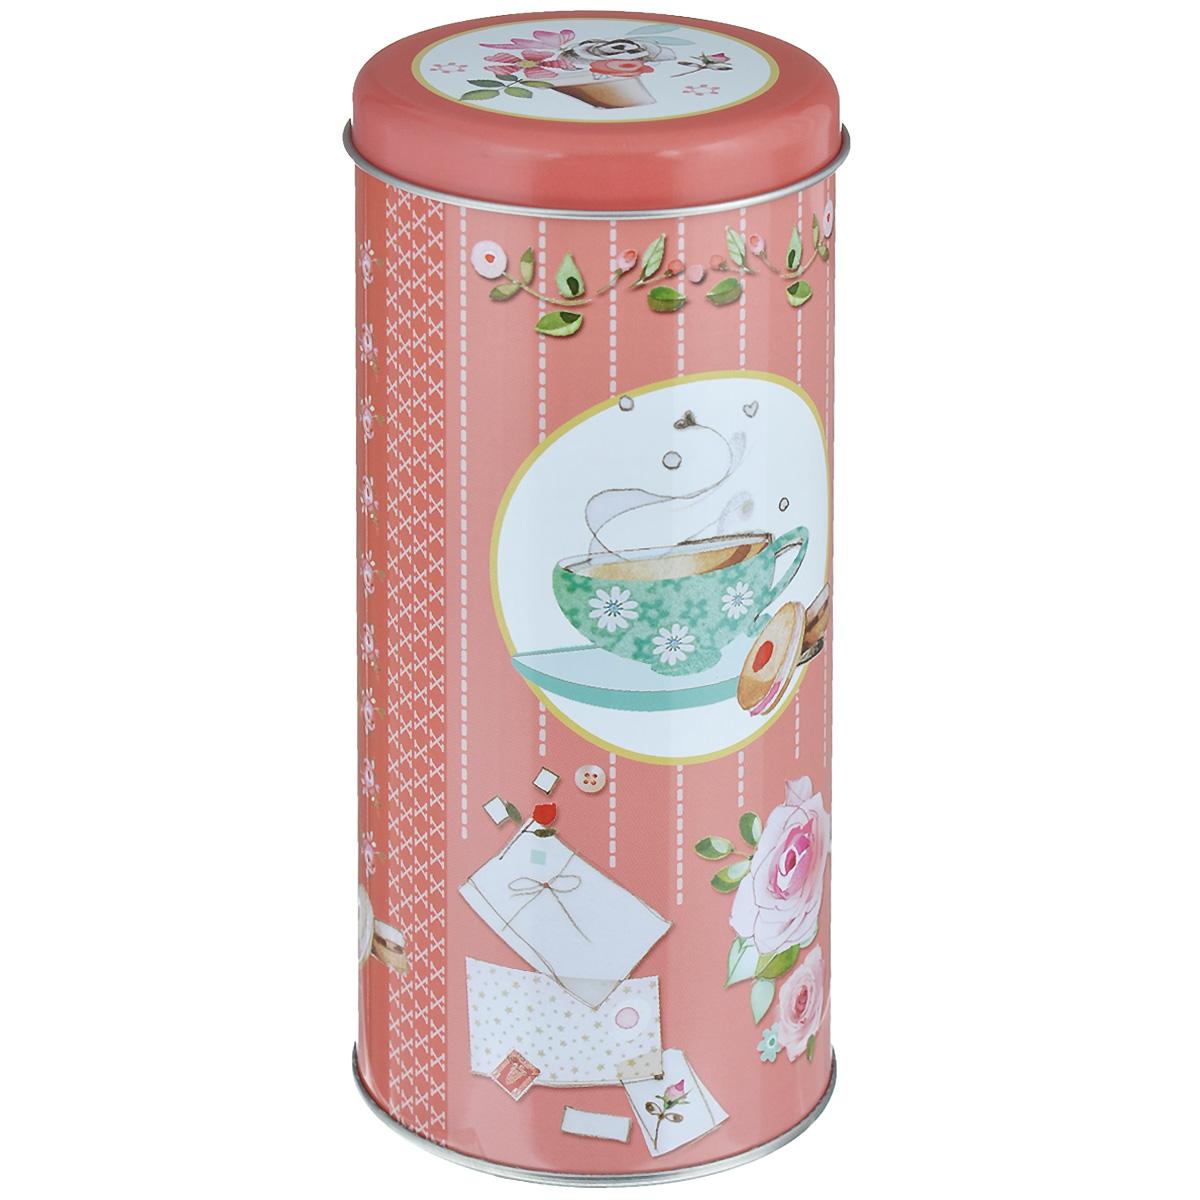 Банка для сыпучих продуктов Феникс-презент Ромашковый чай, 800 млVT-1520(SR)Банка для сыпучих продуктов Феникс-презент Ромашковый чай, изготовленная из окрашенного черного металла, оформлена ярким рисунком. Банка прекрасно подойдет для хранения различных сыпучих продуктов: специй, чая, кофе, сахара, круп и многого другого. Емкость плотно закрывается крышкой. Благодаря этому она будет дольше сохранять свежесть ваших продуктов.Функциональная и вместительная, такая банка станет незаменимым аксессуаром на любой кухне. Нельзя мыть в посудомоечной машине.Объем банки: 800 мл.Высота банки (без учета крышки): 17,5 см. Диаметр банки (по верхнему краю): 7,5 см.